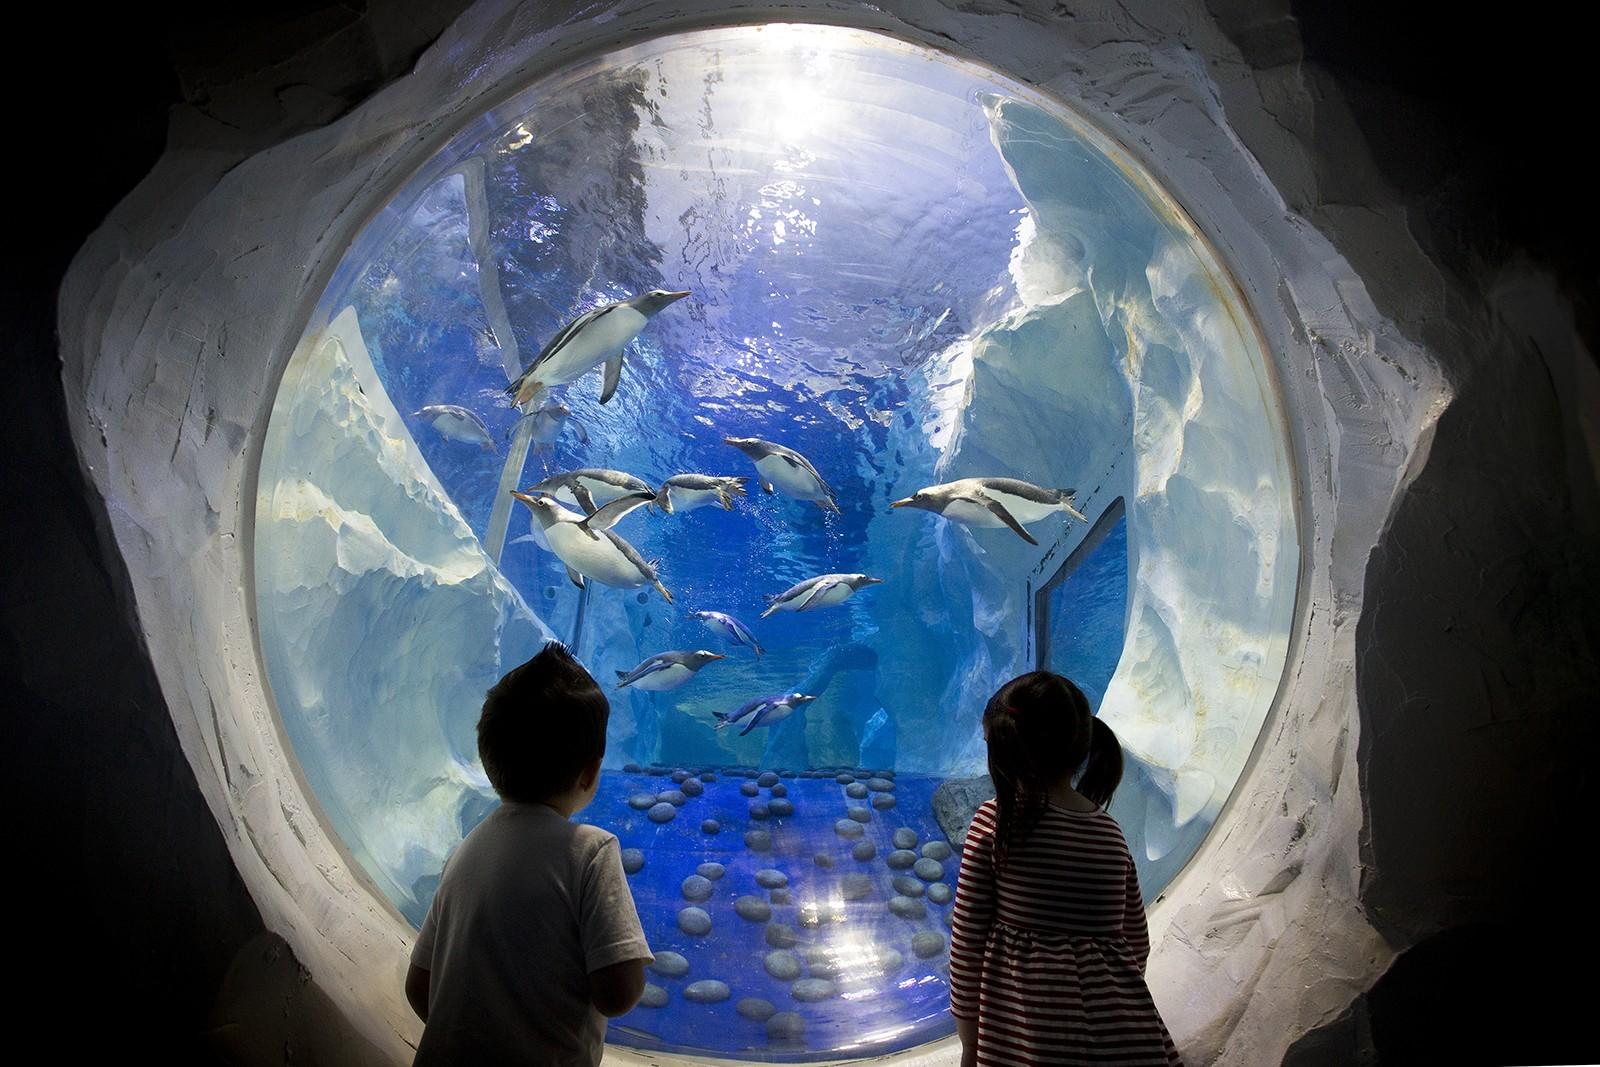 Two children looking through an aquarium glass